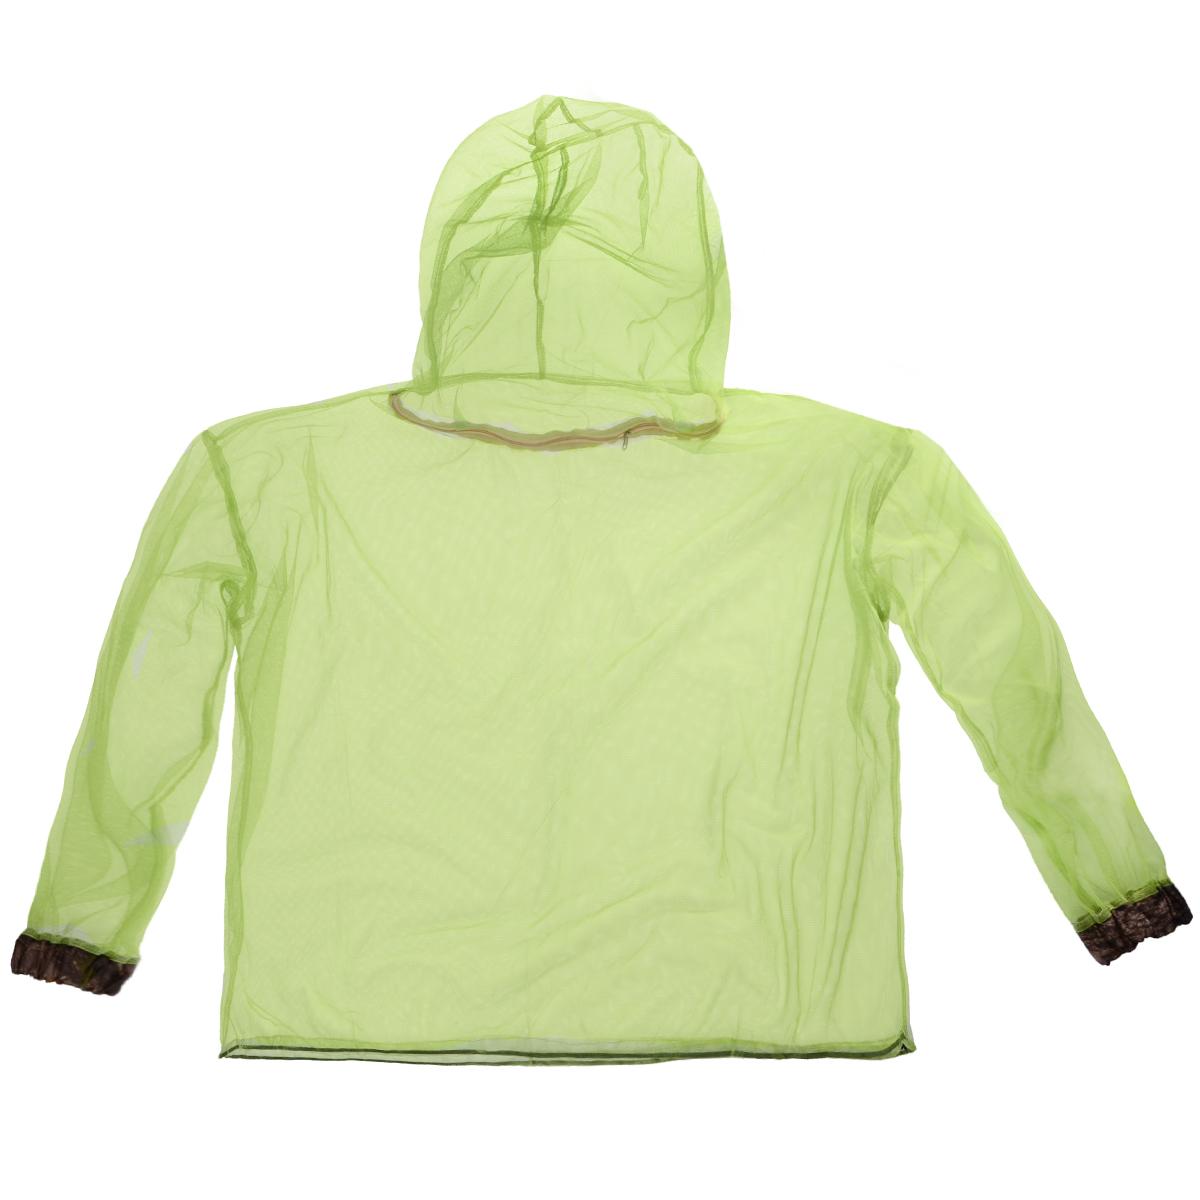 Куртка противомоскитная Eva. К411301210Противомоскитная куртка Eva изготовлена из сетчатого полиэстера. Мельчайший размер ячеек сетки обеспечивает высокую защиту от самых мелких кровососущих насекомых: мошек, москитов, комаров, клещей. Низ куртки оснащен удобным затяжным шнурком с фиксатором, манжеты на резинках. Также имеет удобный капюшон на молнии.